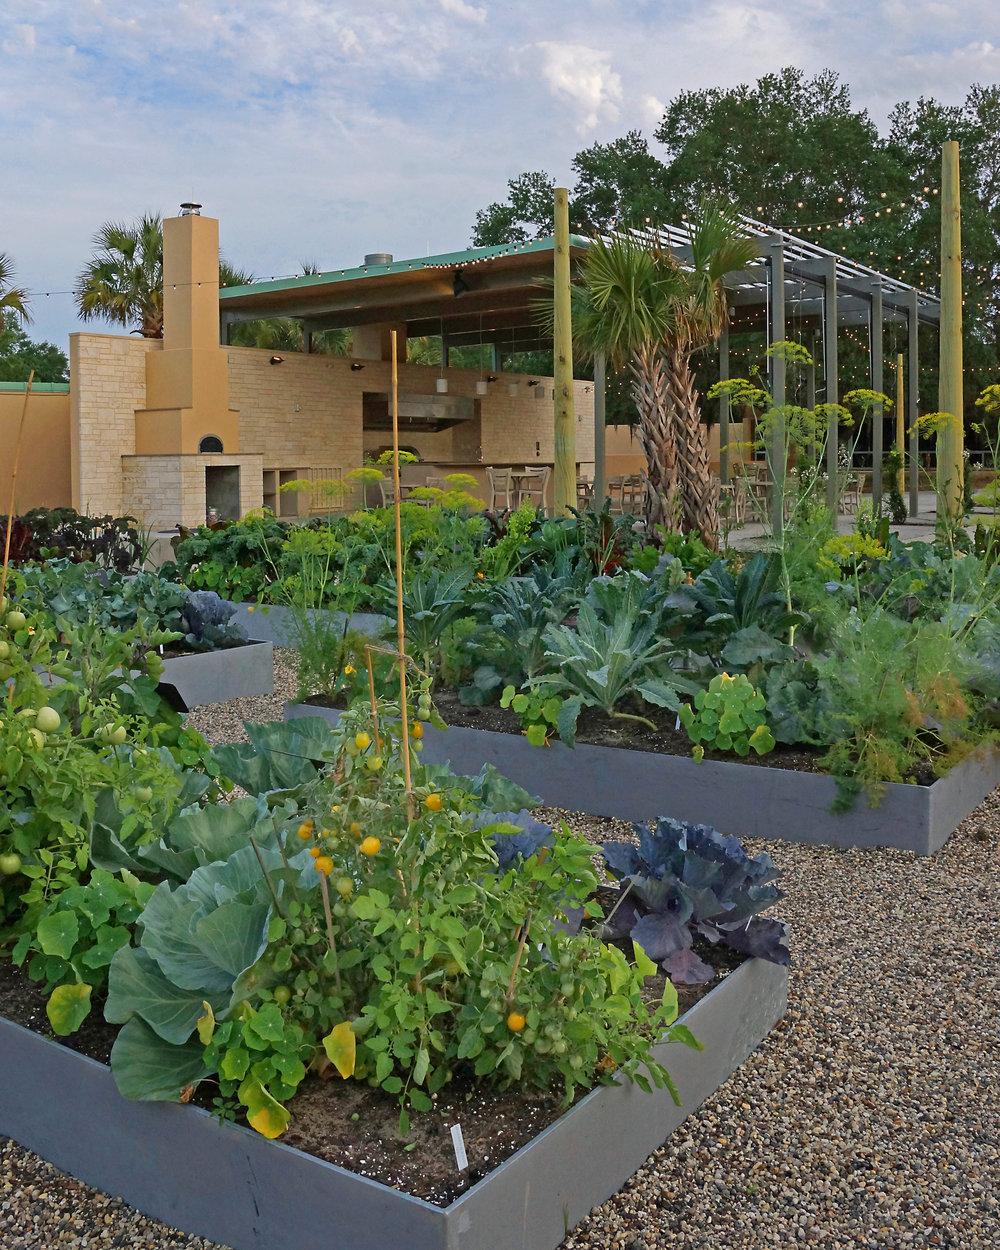 Outdoor Kitchen and Edible Garden 00003.jpg